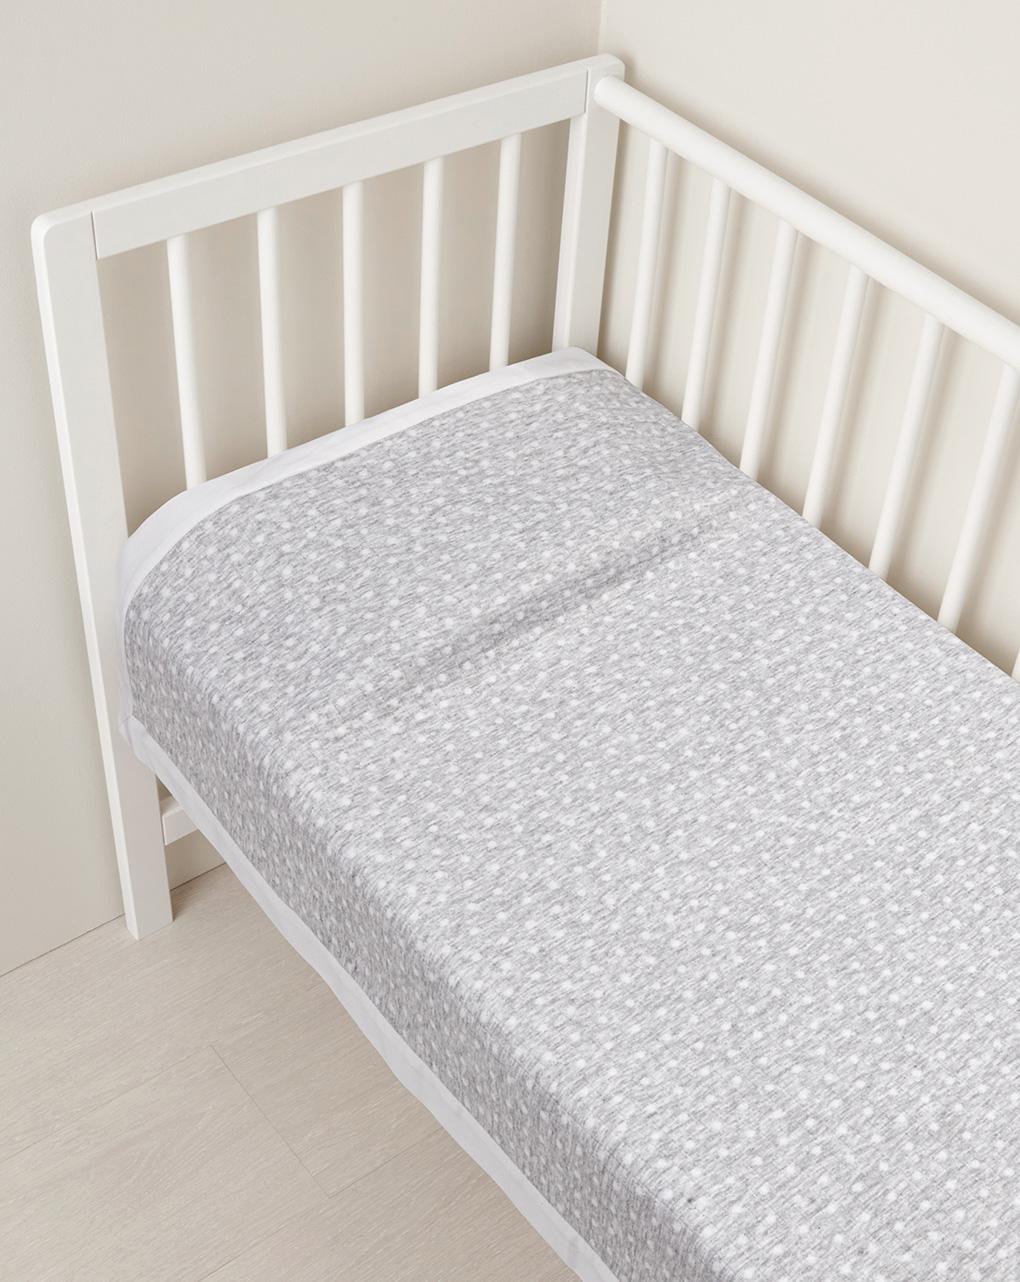 Κουβέρτα για Λίκνο Καλοκαιρινή Jersey Γκρι Ανοιχτό - 70 x 80 cm